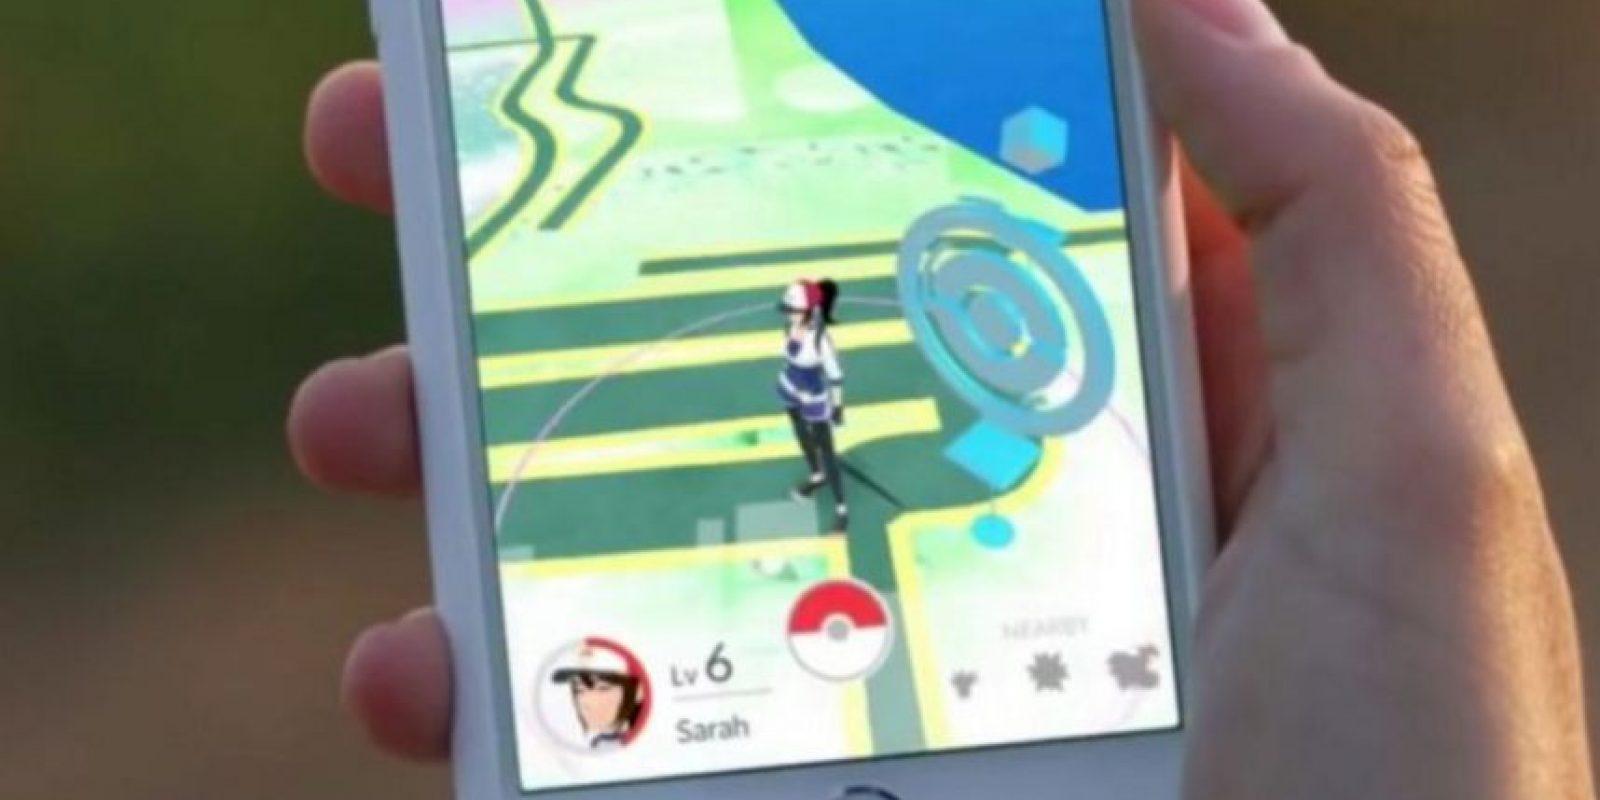 Los Pokémon aparecen según la zona. Es decir, si están en la playa, aparecerán Pokémon tipo agua.